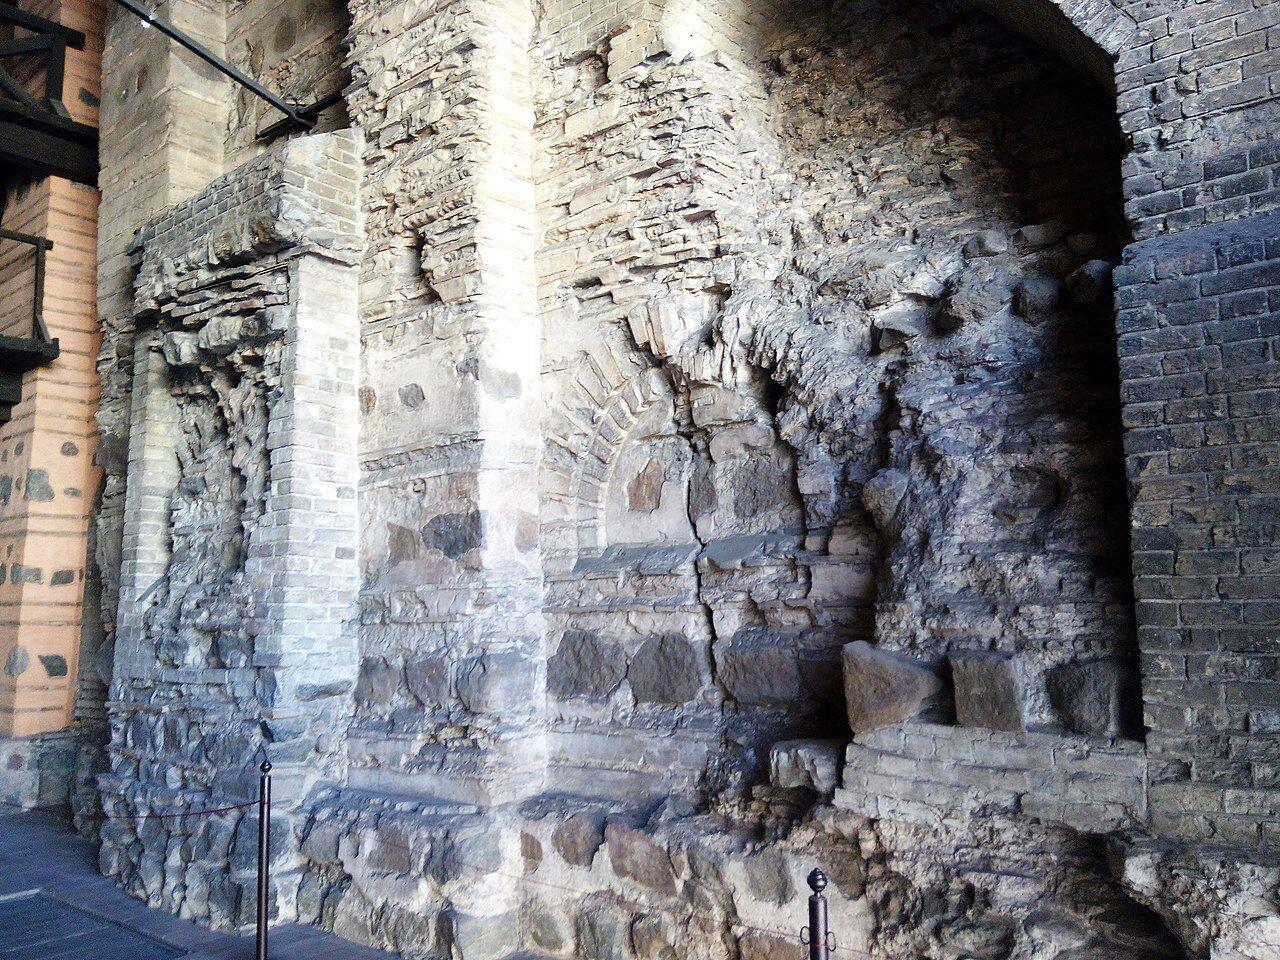 Ворота будували в техніці, яку використовували ще за часів Стародавнього Риму.